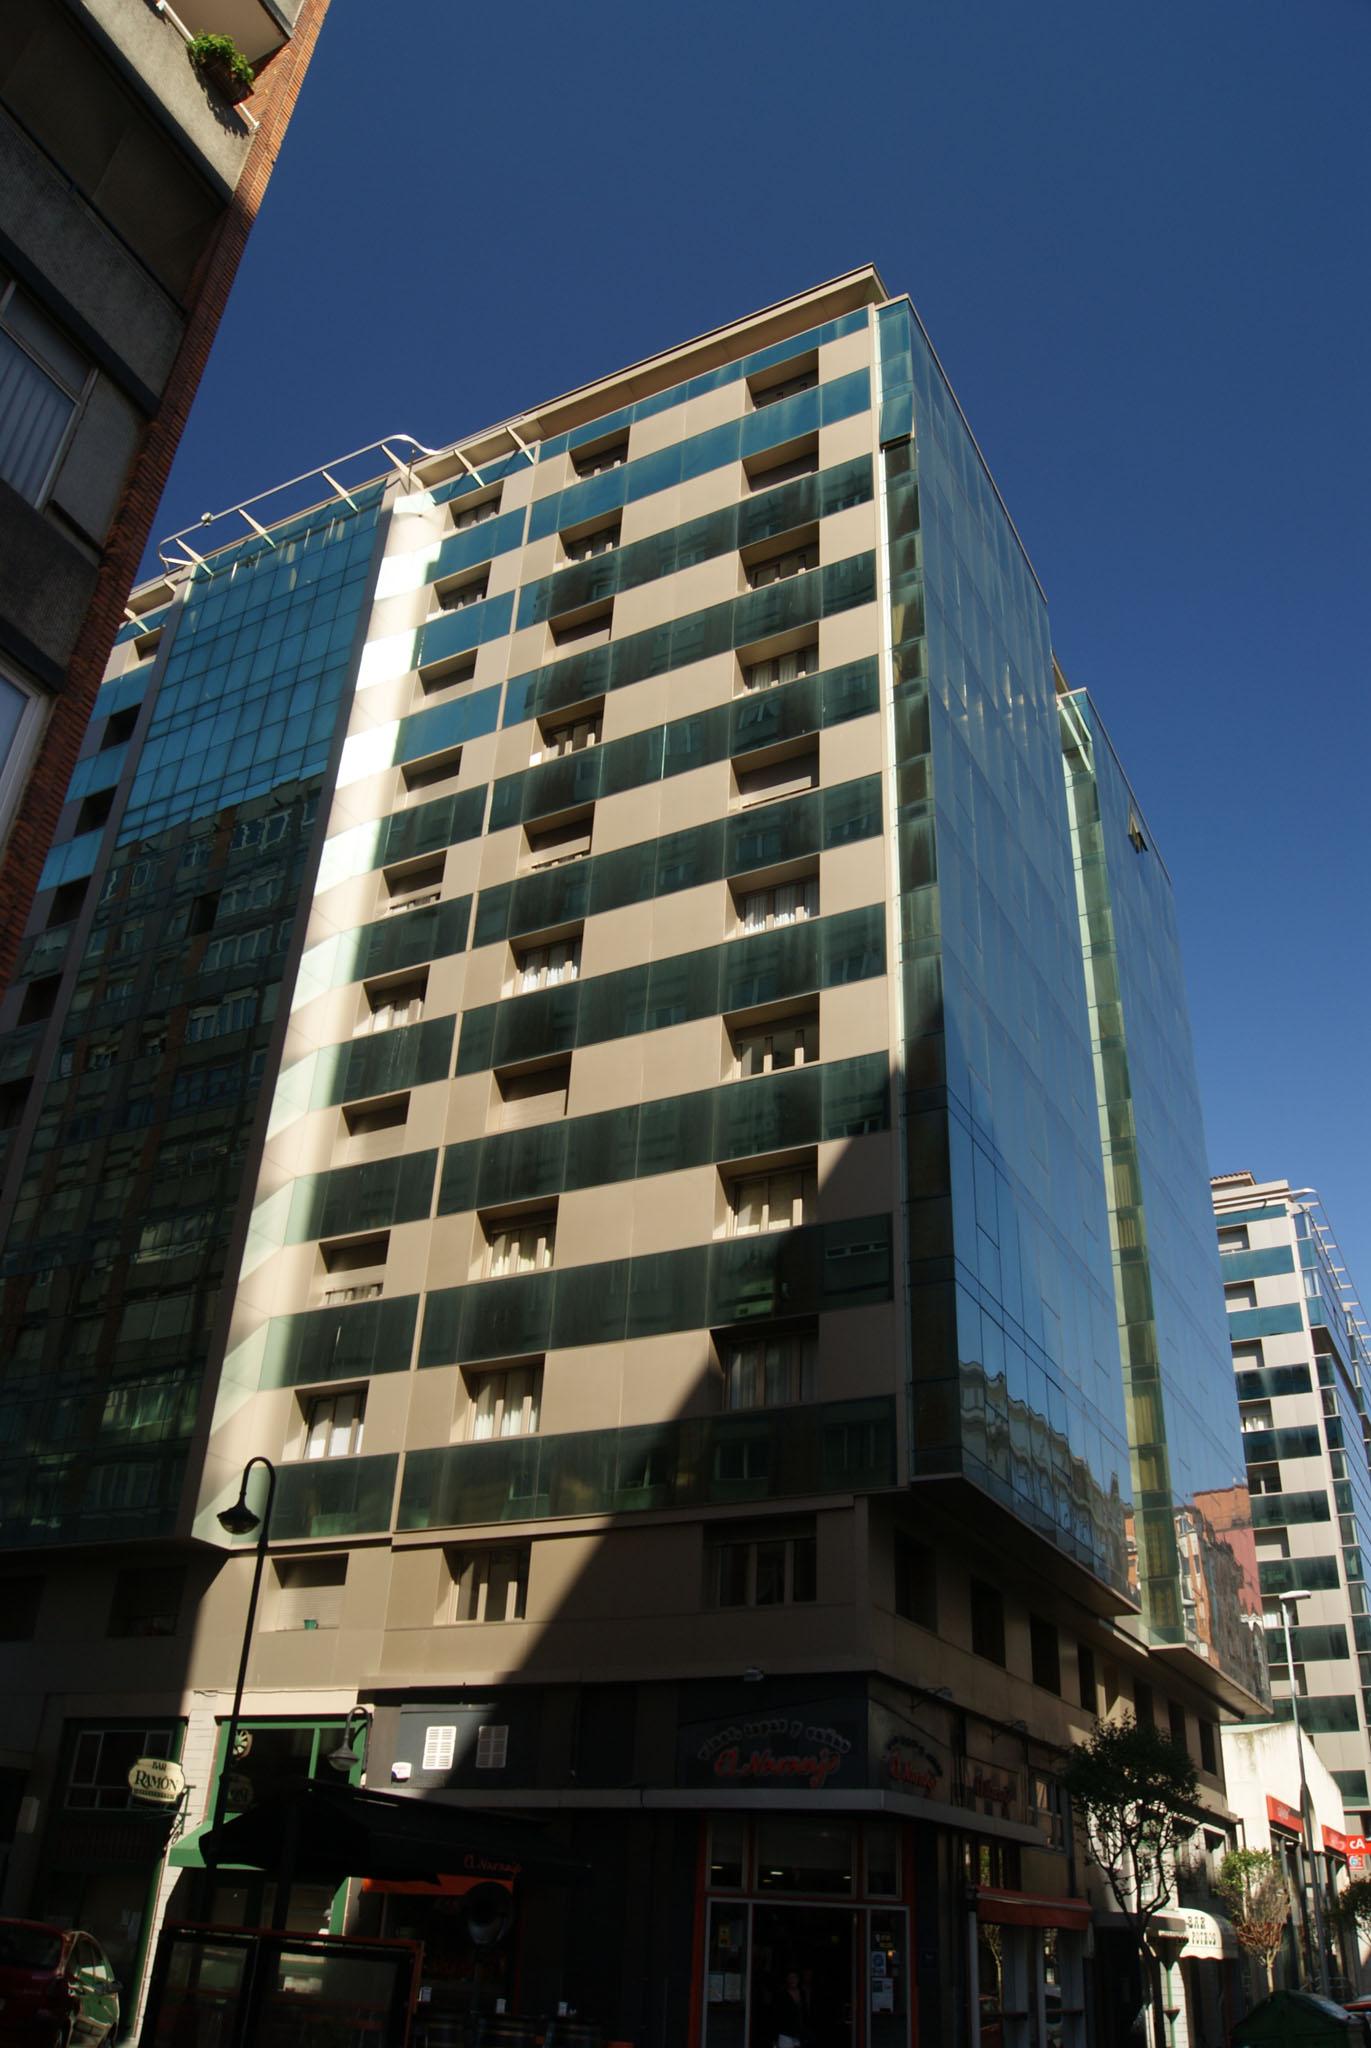 Edificio Calle Manso – Gijón